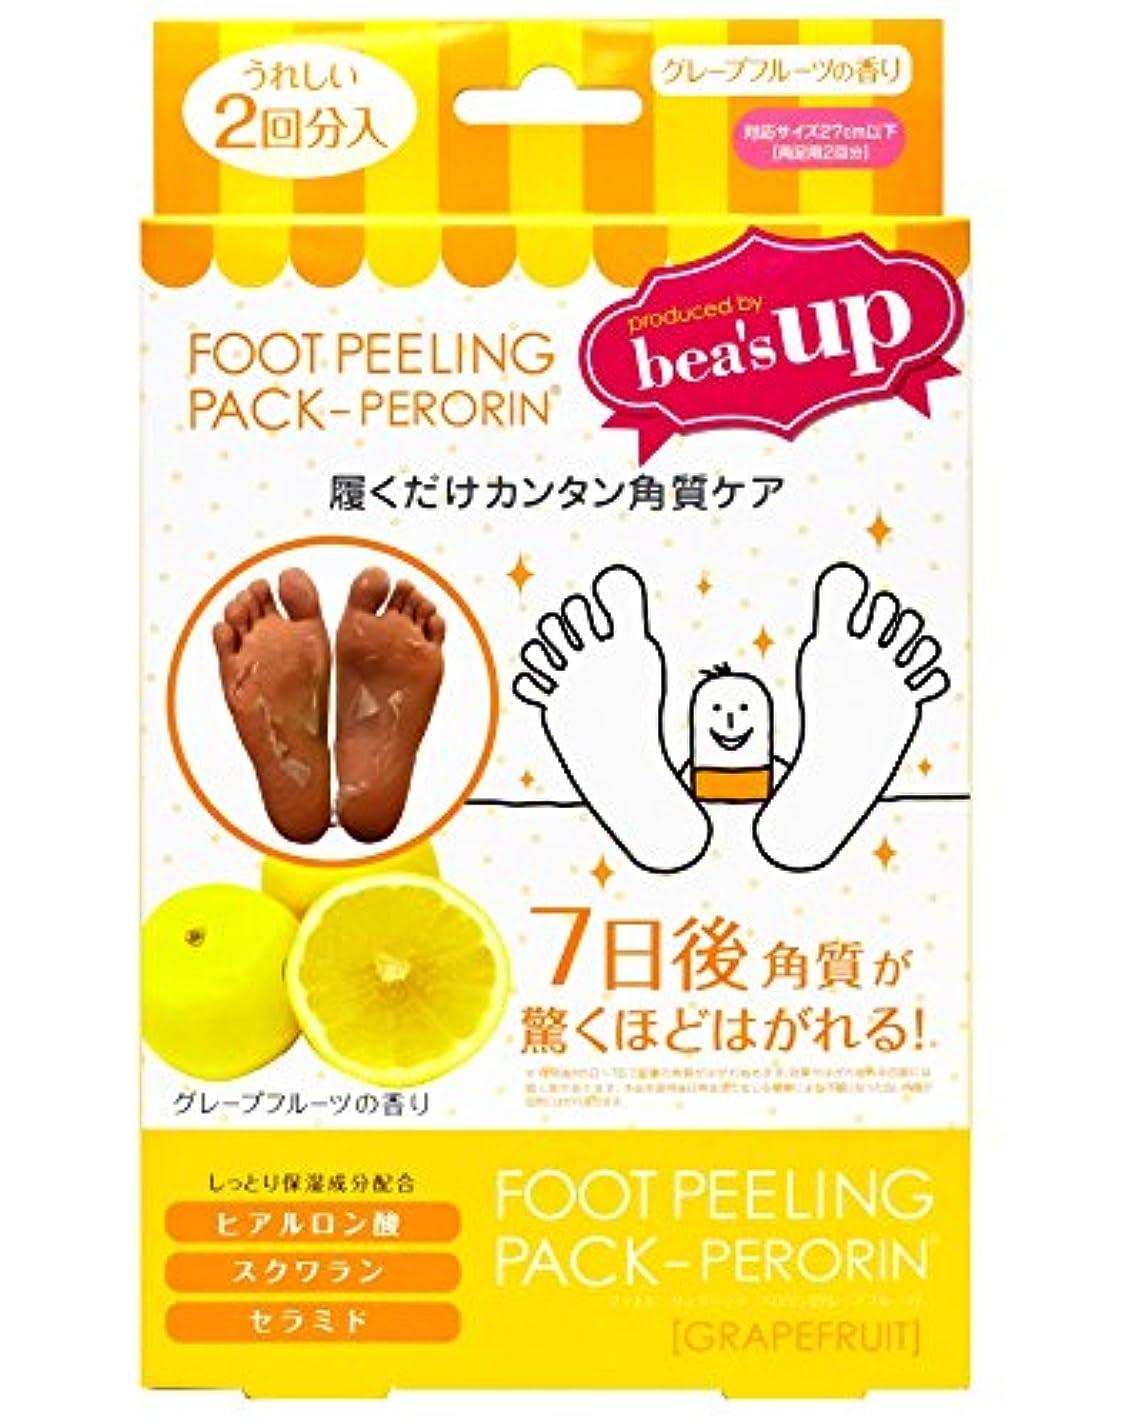 騒ぎオペラ観客Bea's upペロリン2回分(グレープフルーツ)